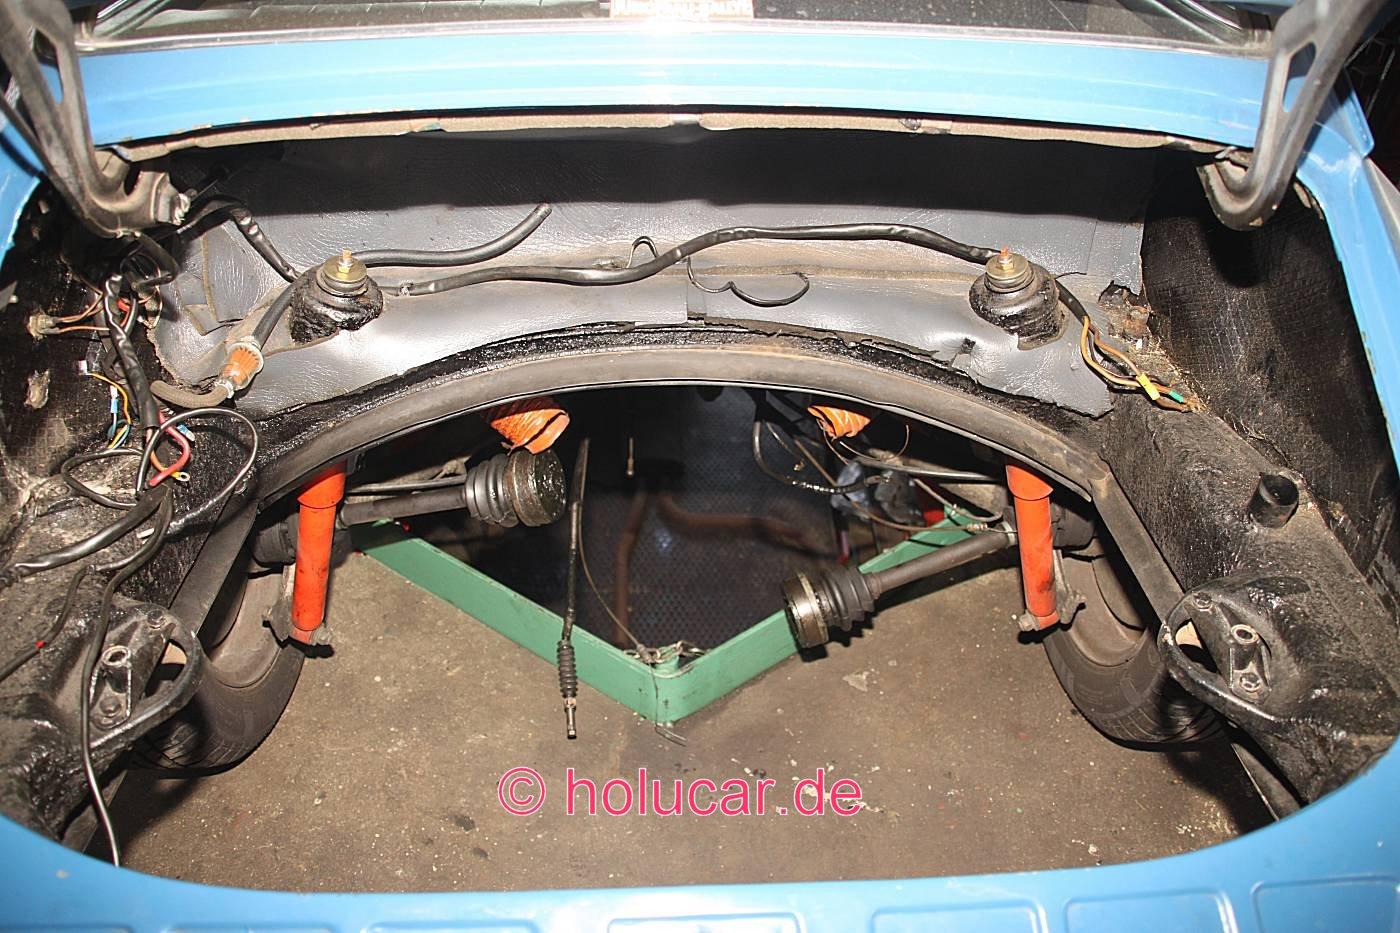 Porsche 912 Baujahr 1965 Holucar Oldtimerrestaurierung